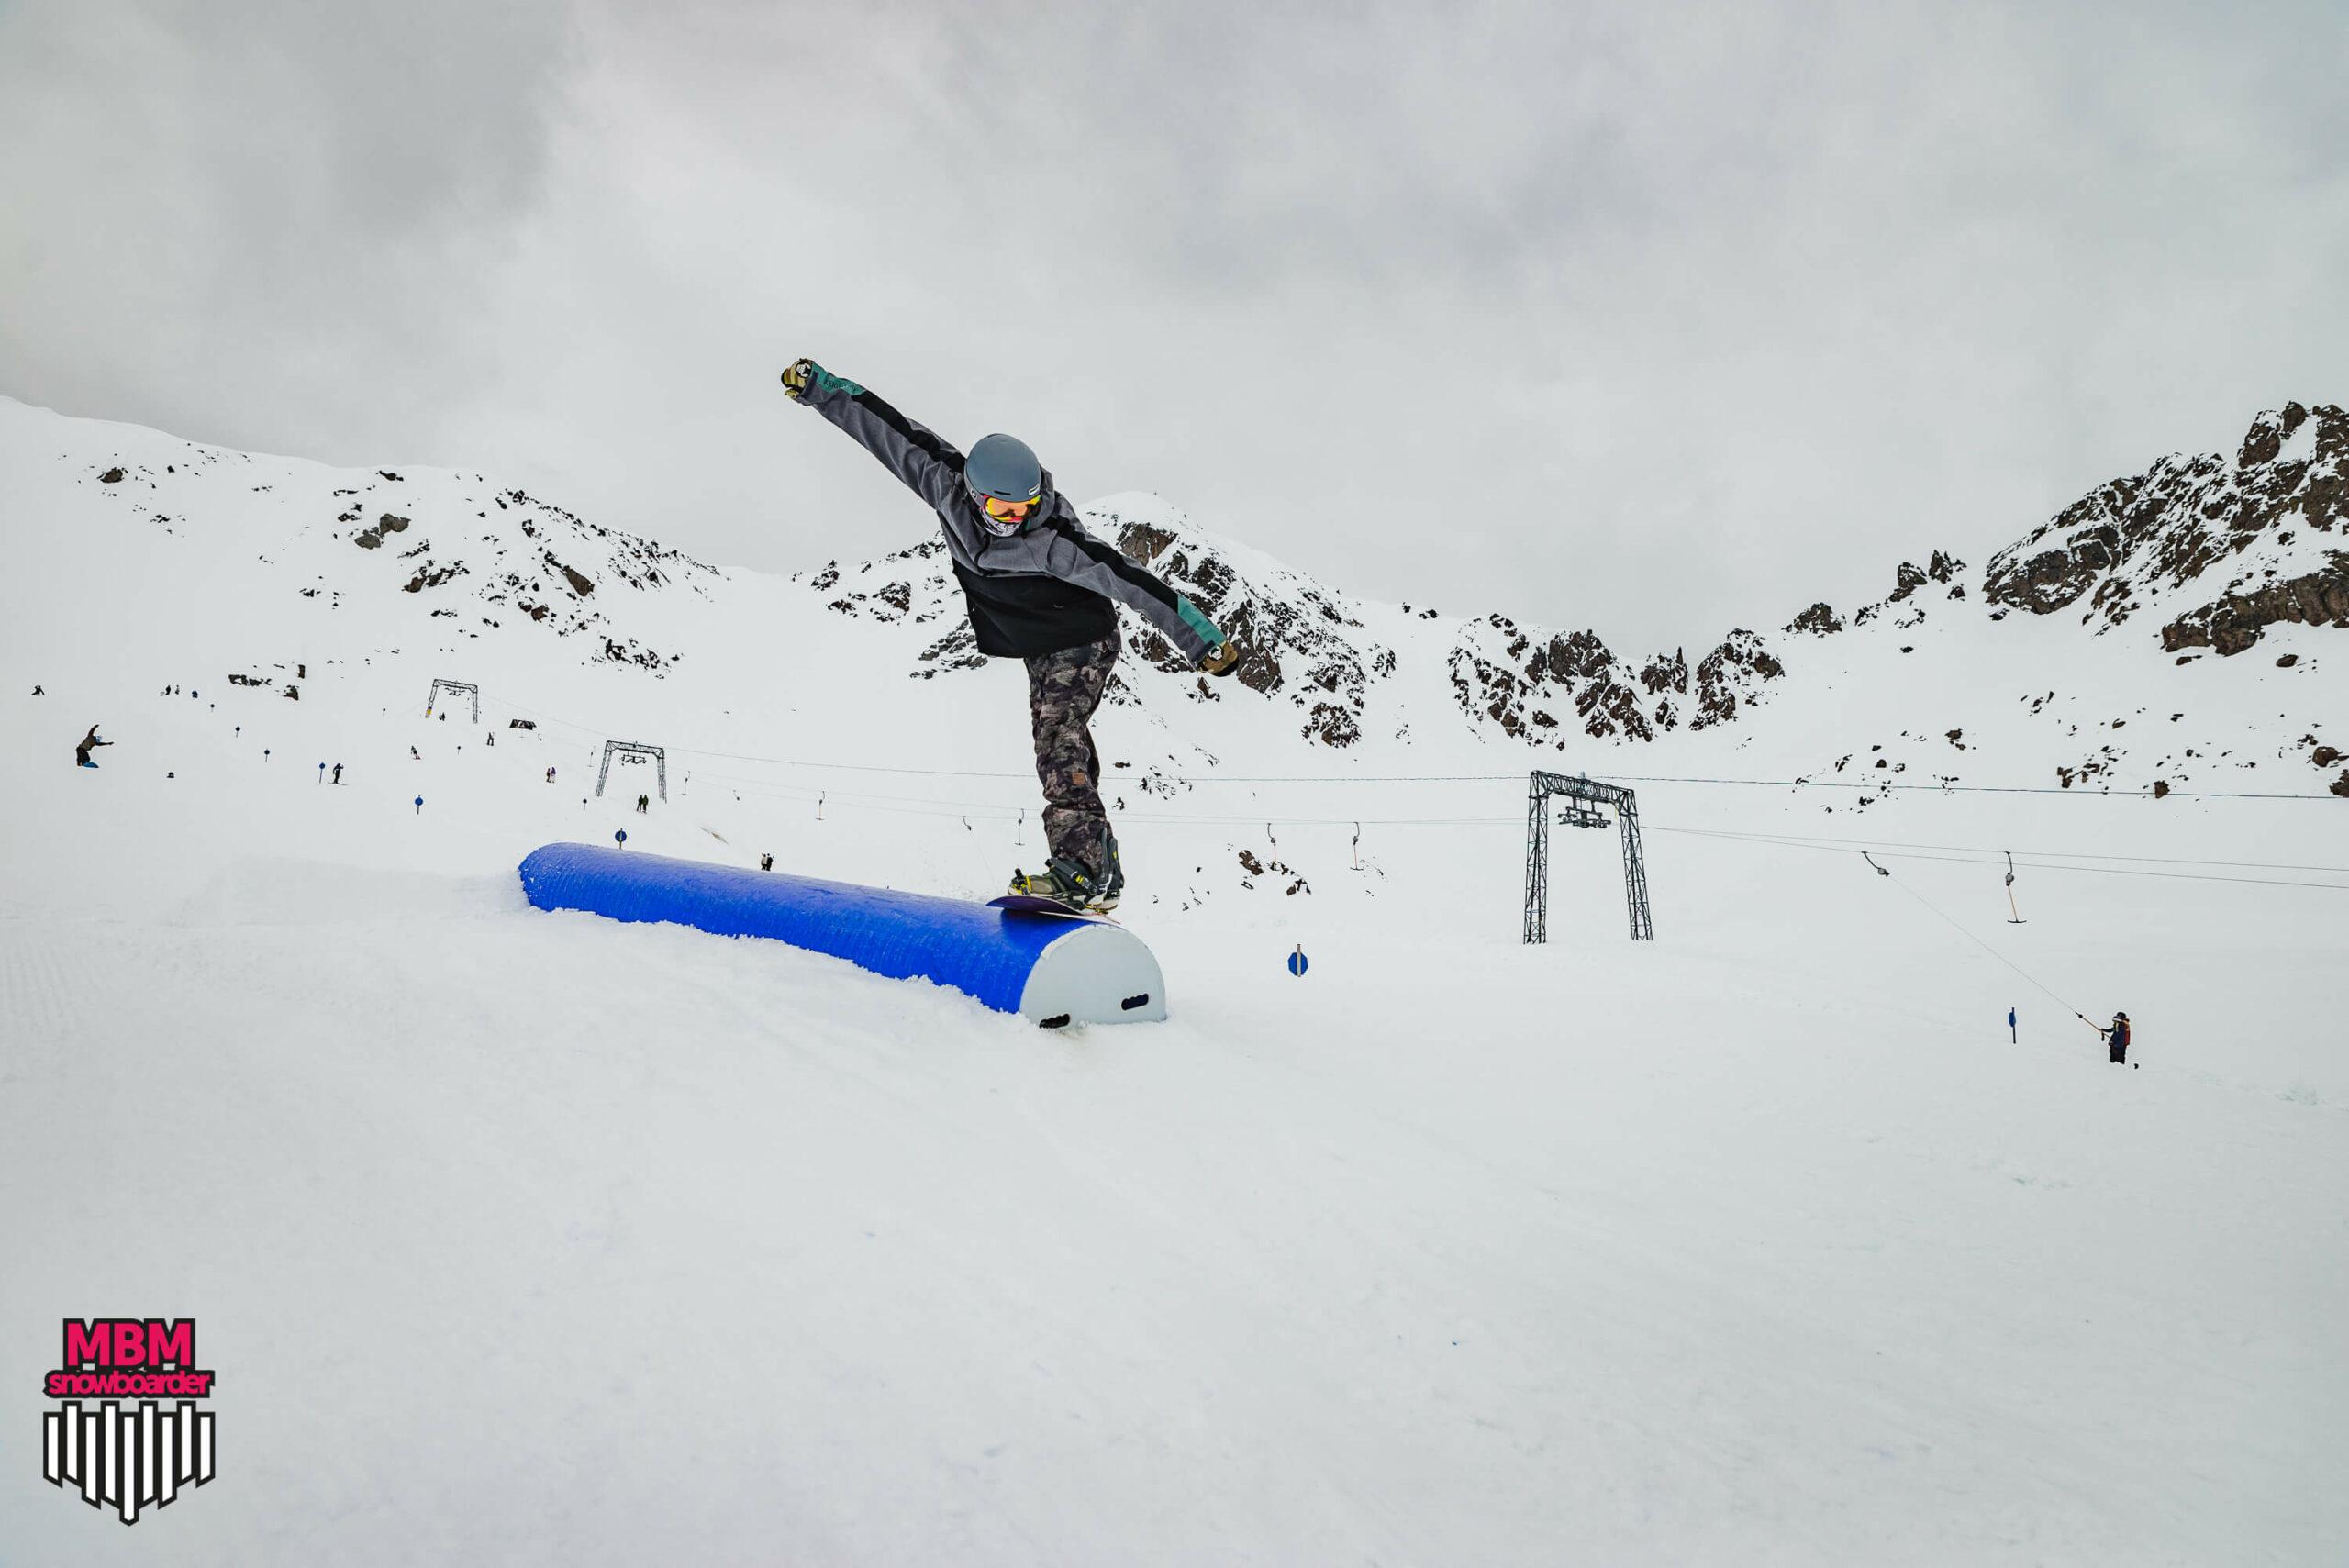 snowboarderMBM_sd_kaunertal_014